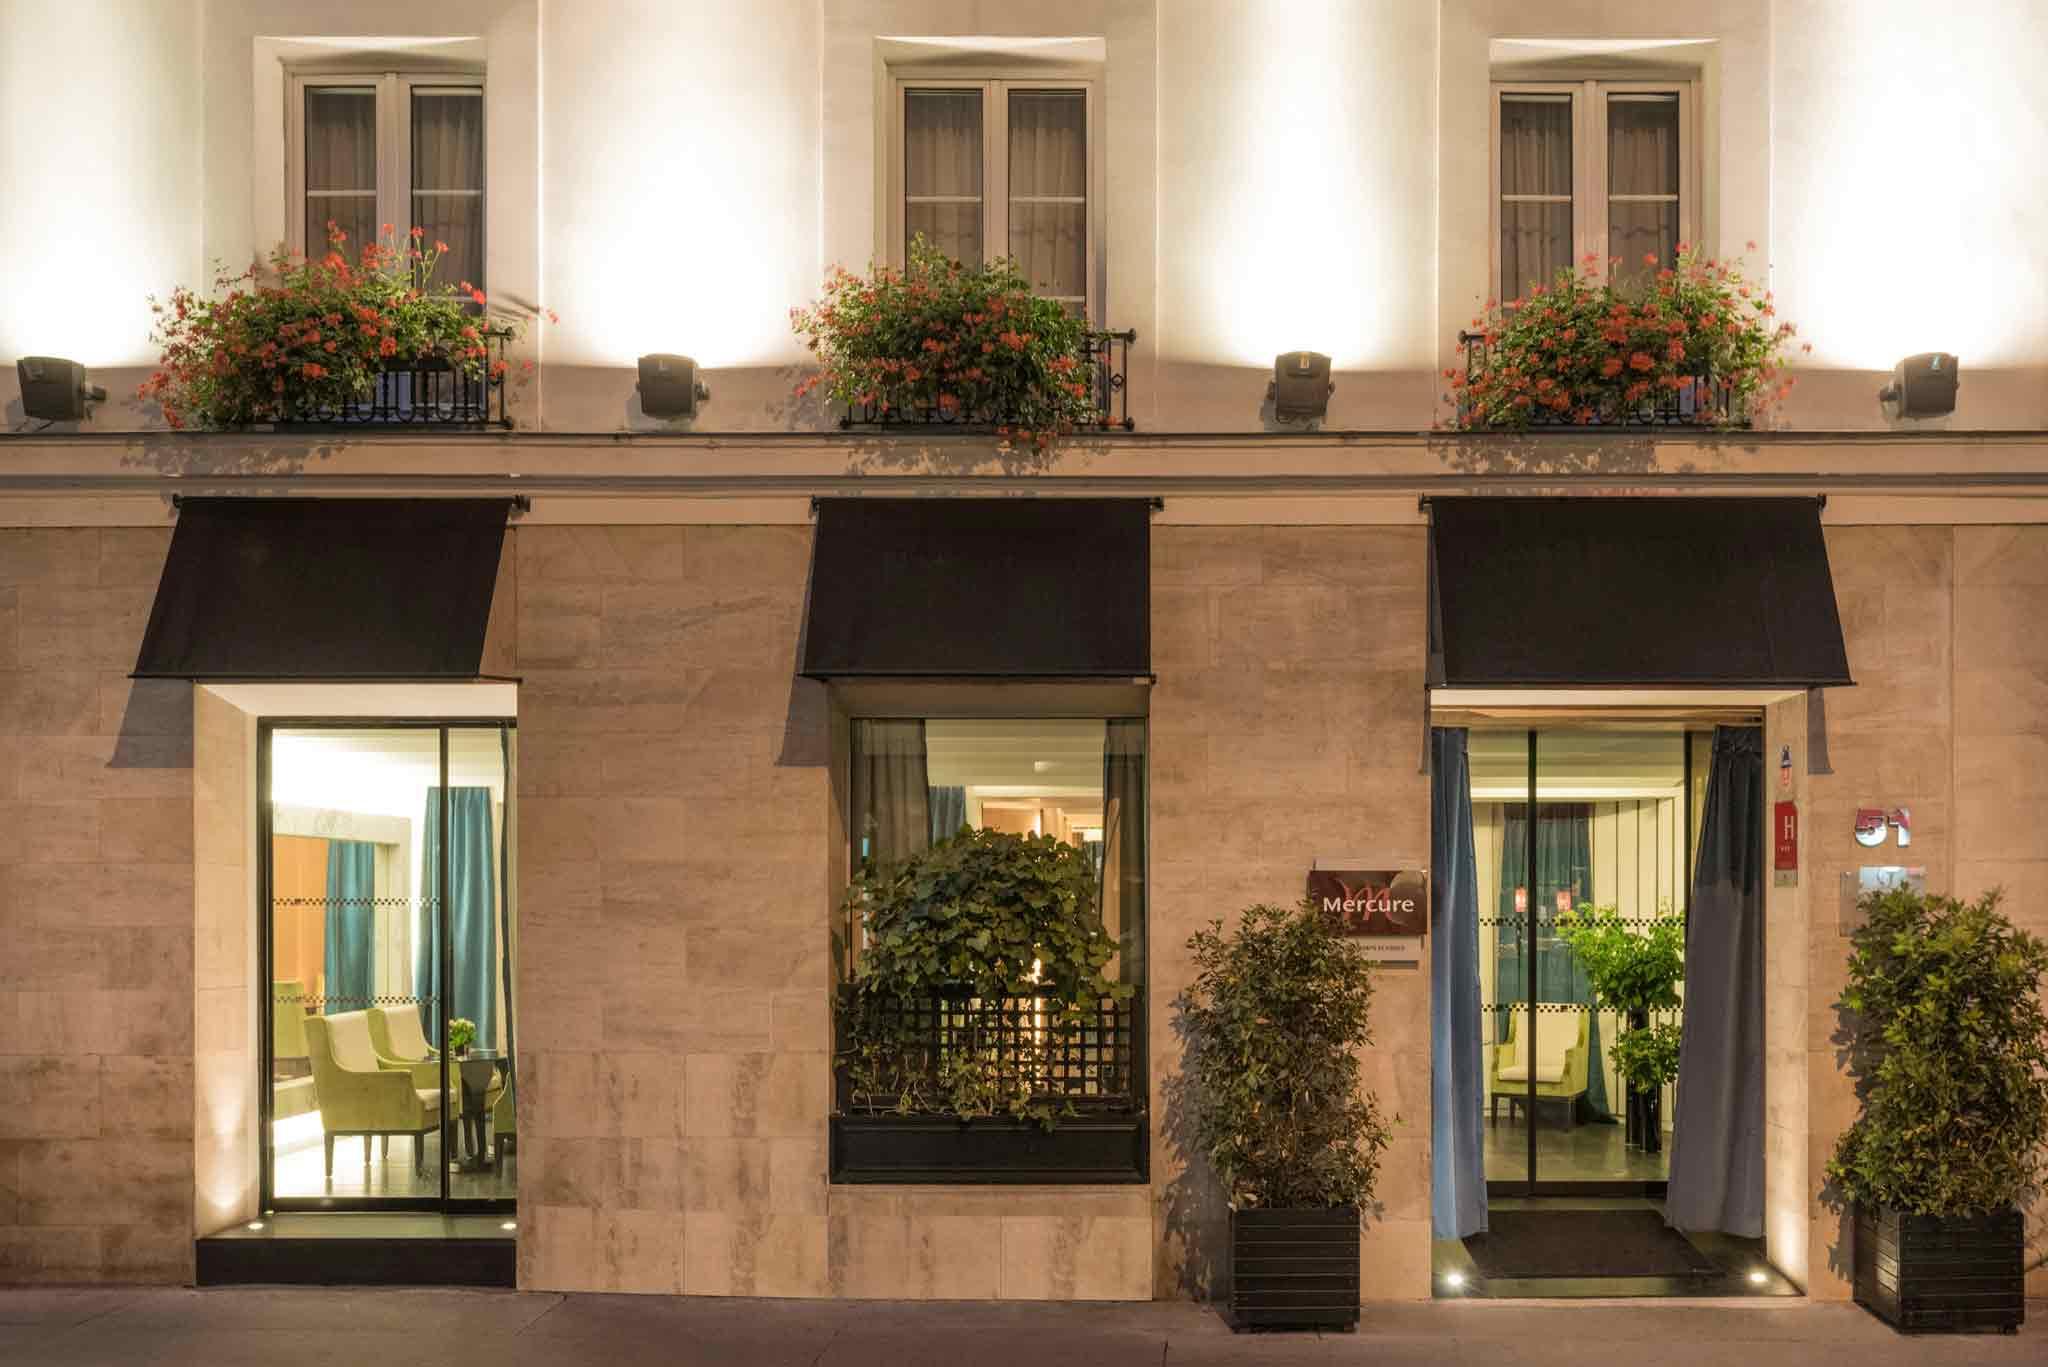 Hotel – Hotel Mercure París Campos Elíseos